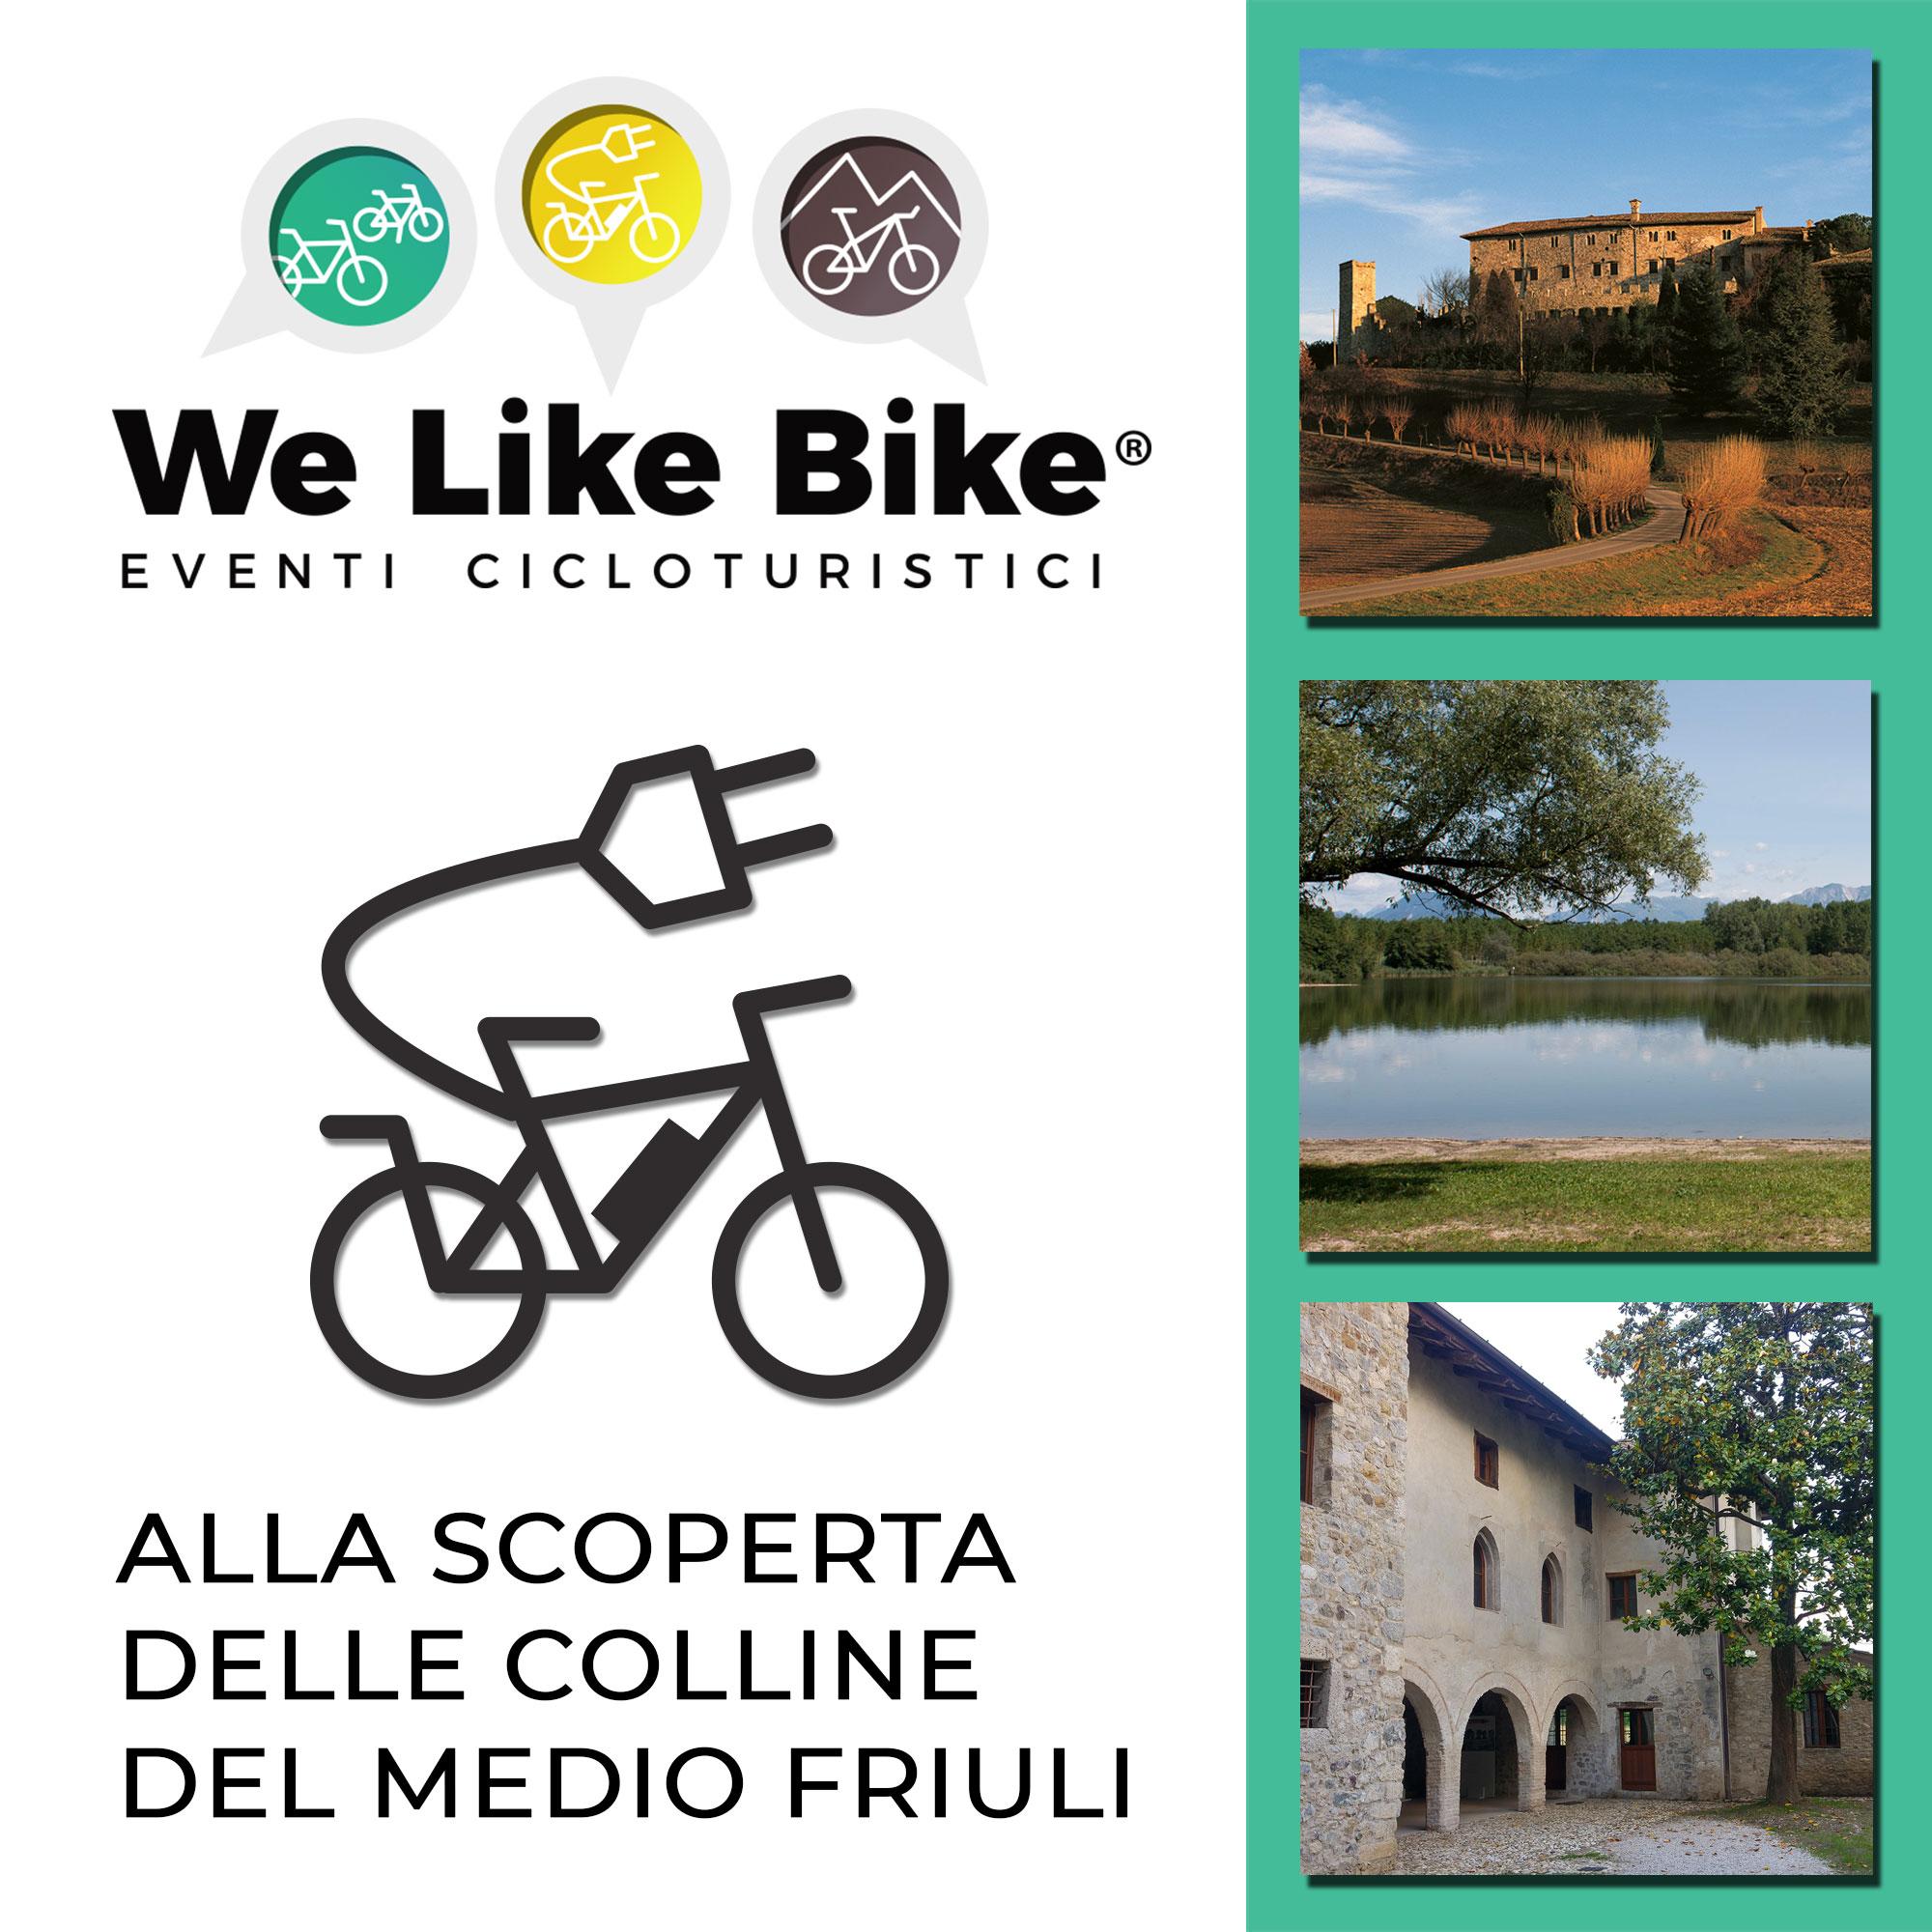 Alla scoperta delle colline del medio Friuli - Soci